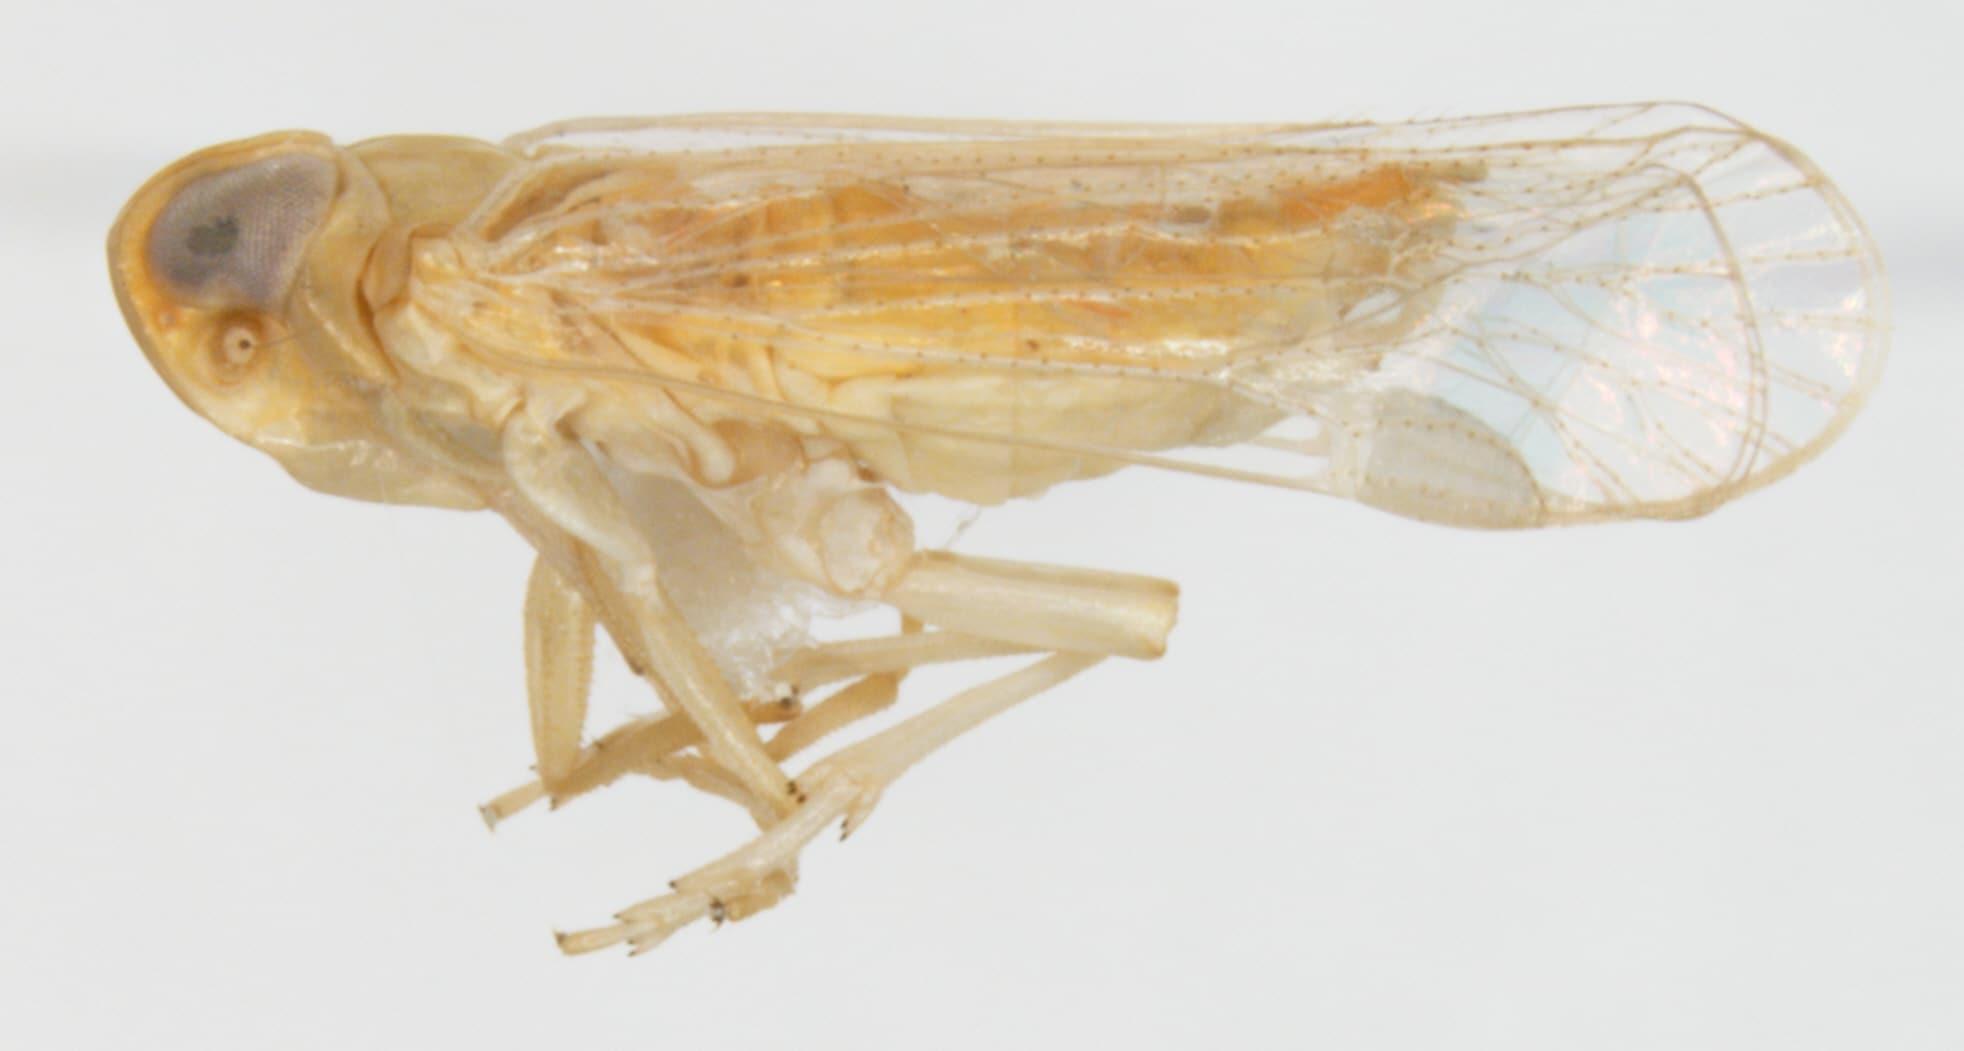 Myndus crudus